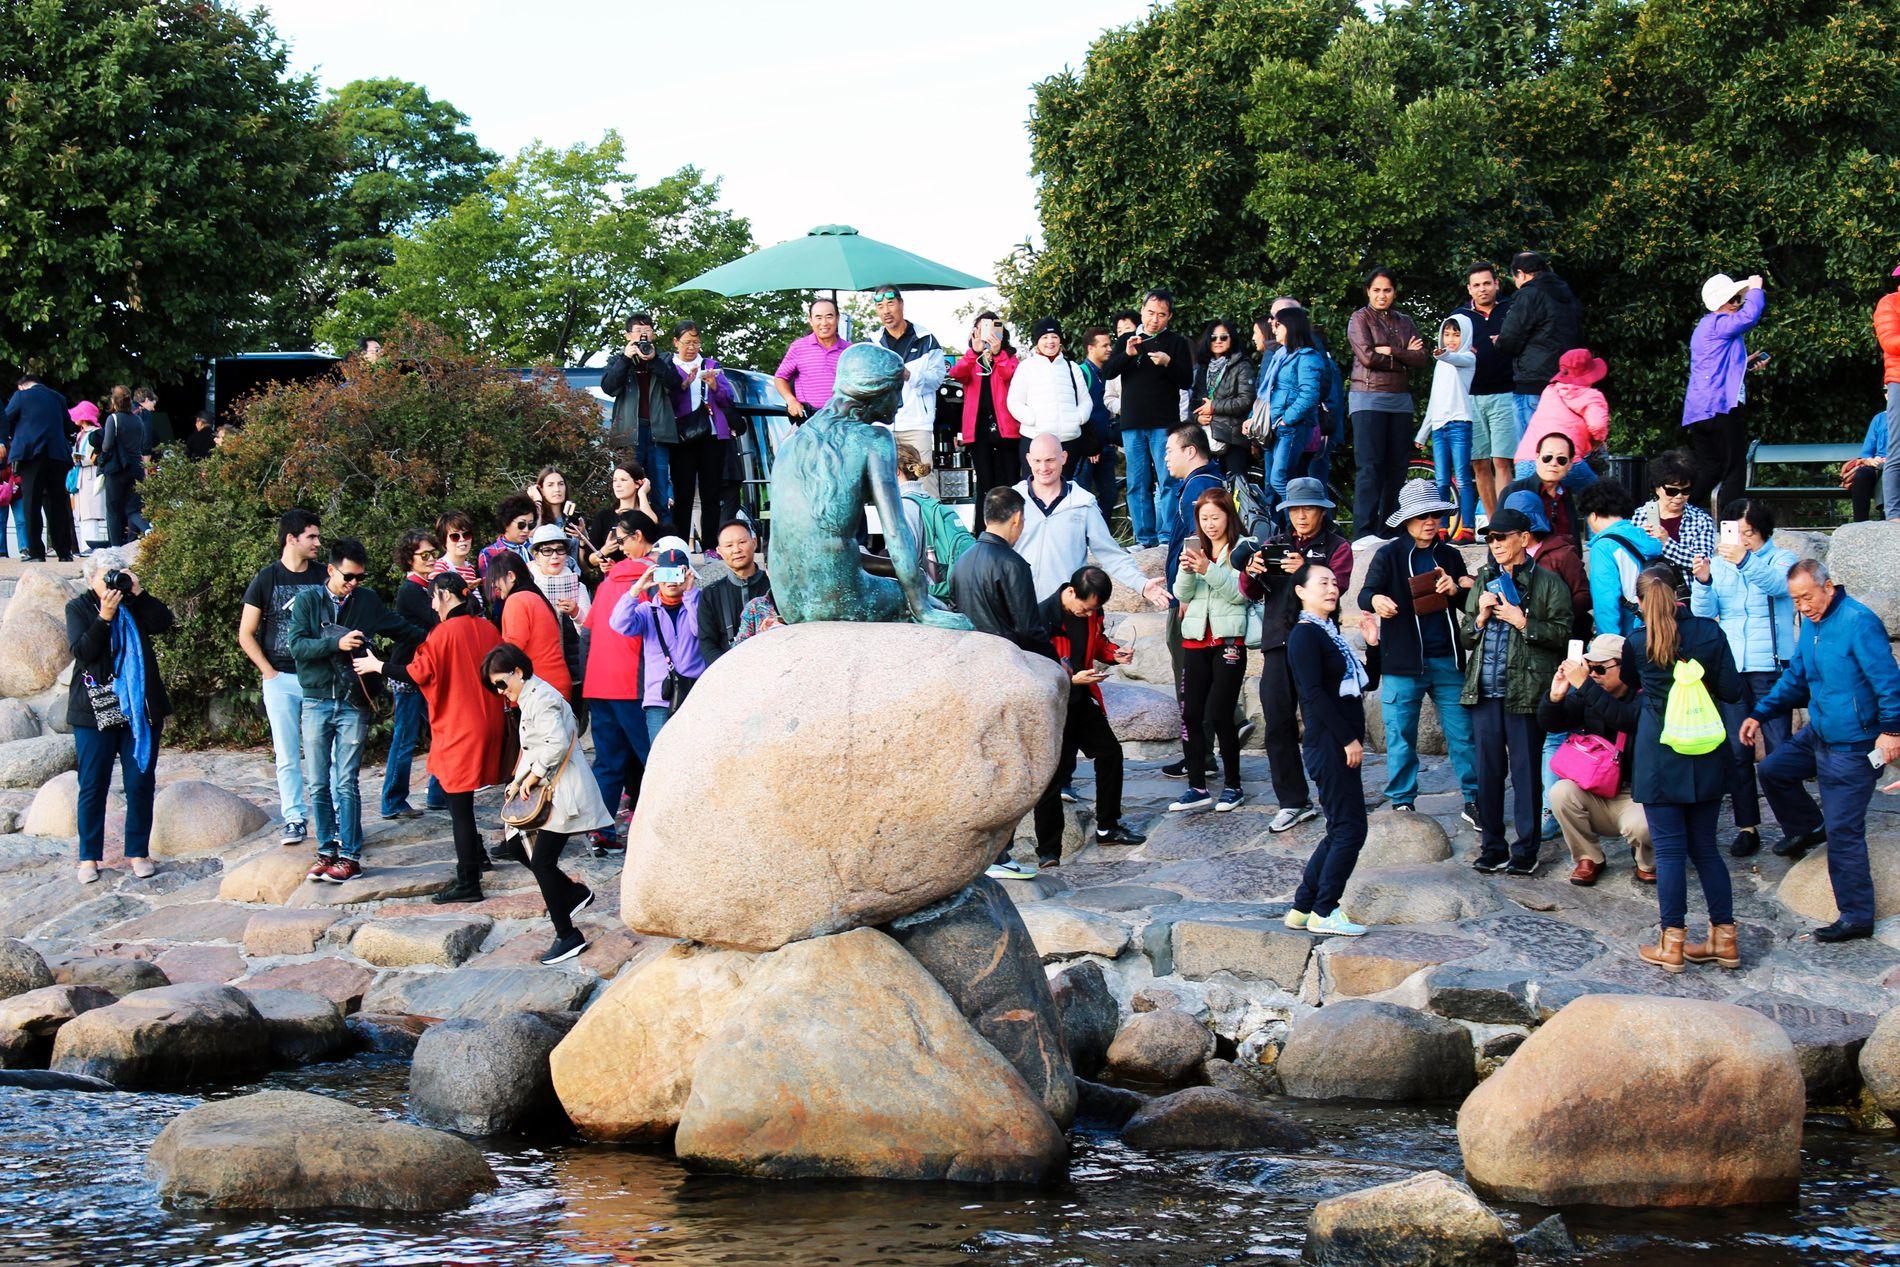 POPULÆR DAME: Den lille havfruen har mistet hodet to ganger og armen en gang, men som guiden sier: Havfruen er også en bereist dame, hun har vært i Shanghai på Verdensutstillingen.